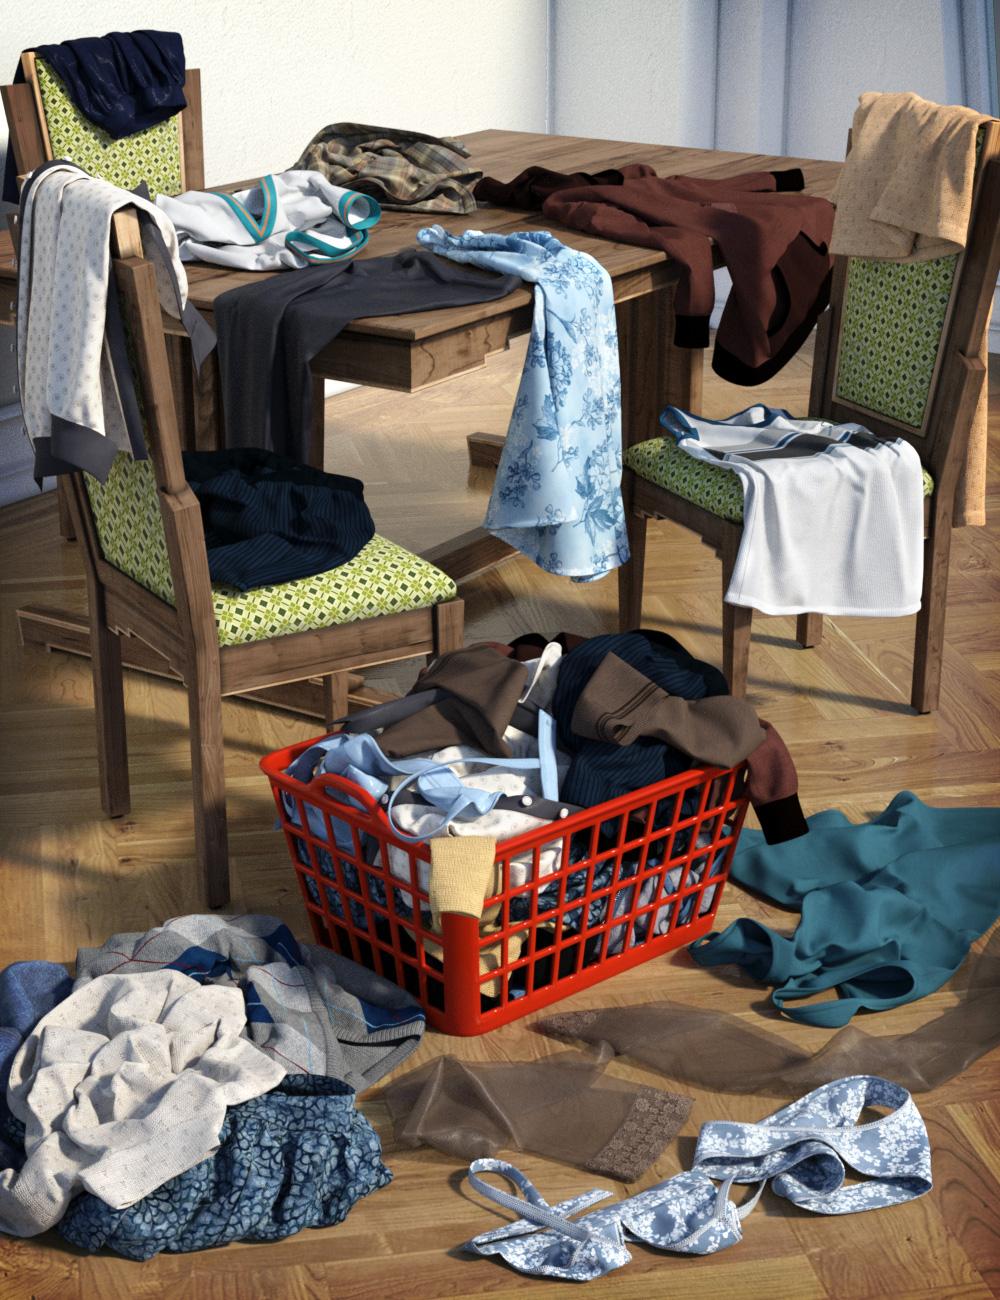 Messy Laundry Mega Set by: esha, 3D Models by Daz 3D